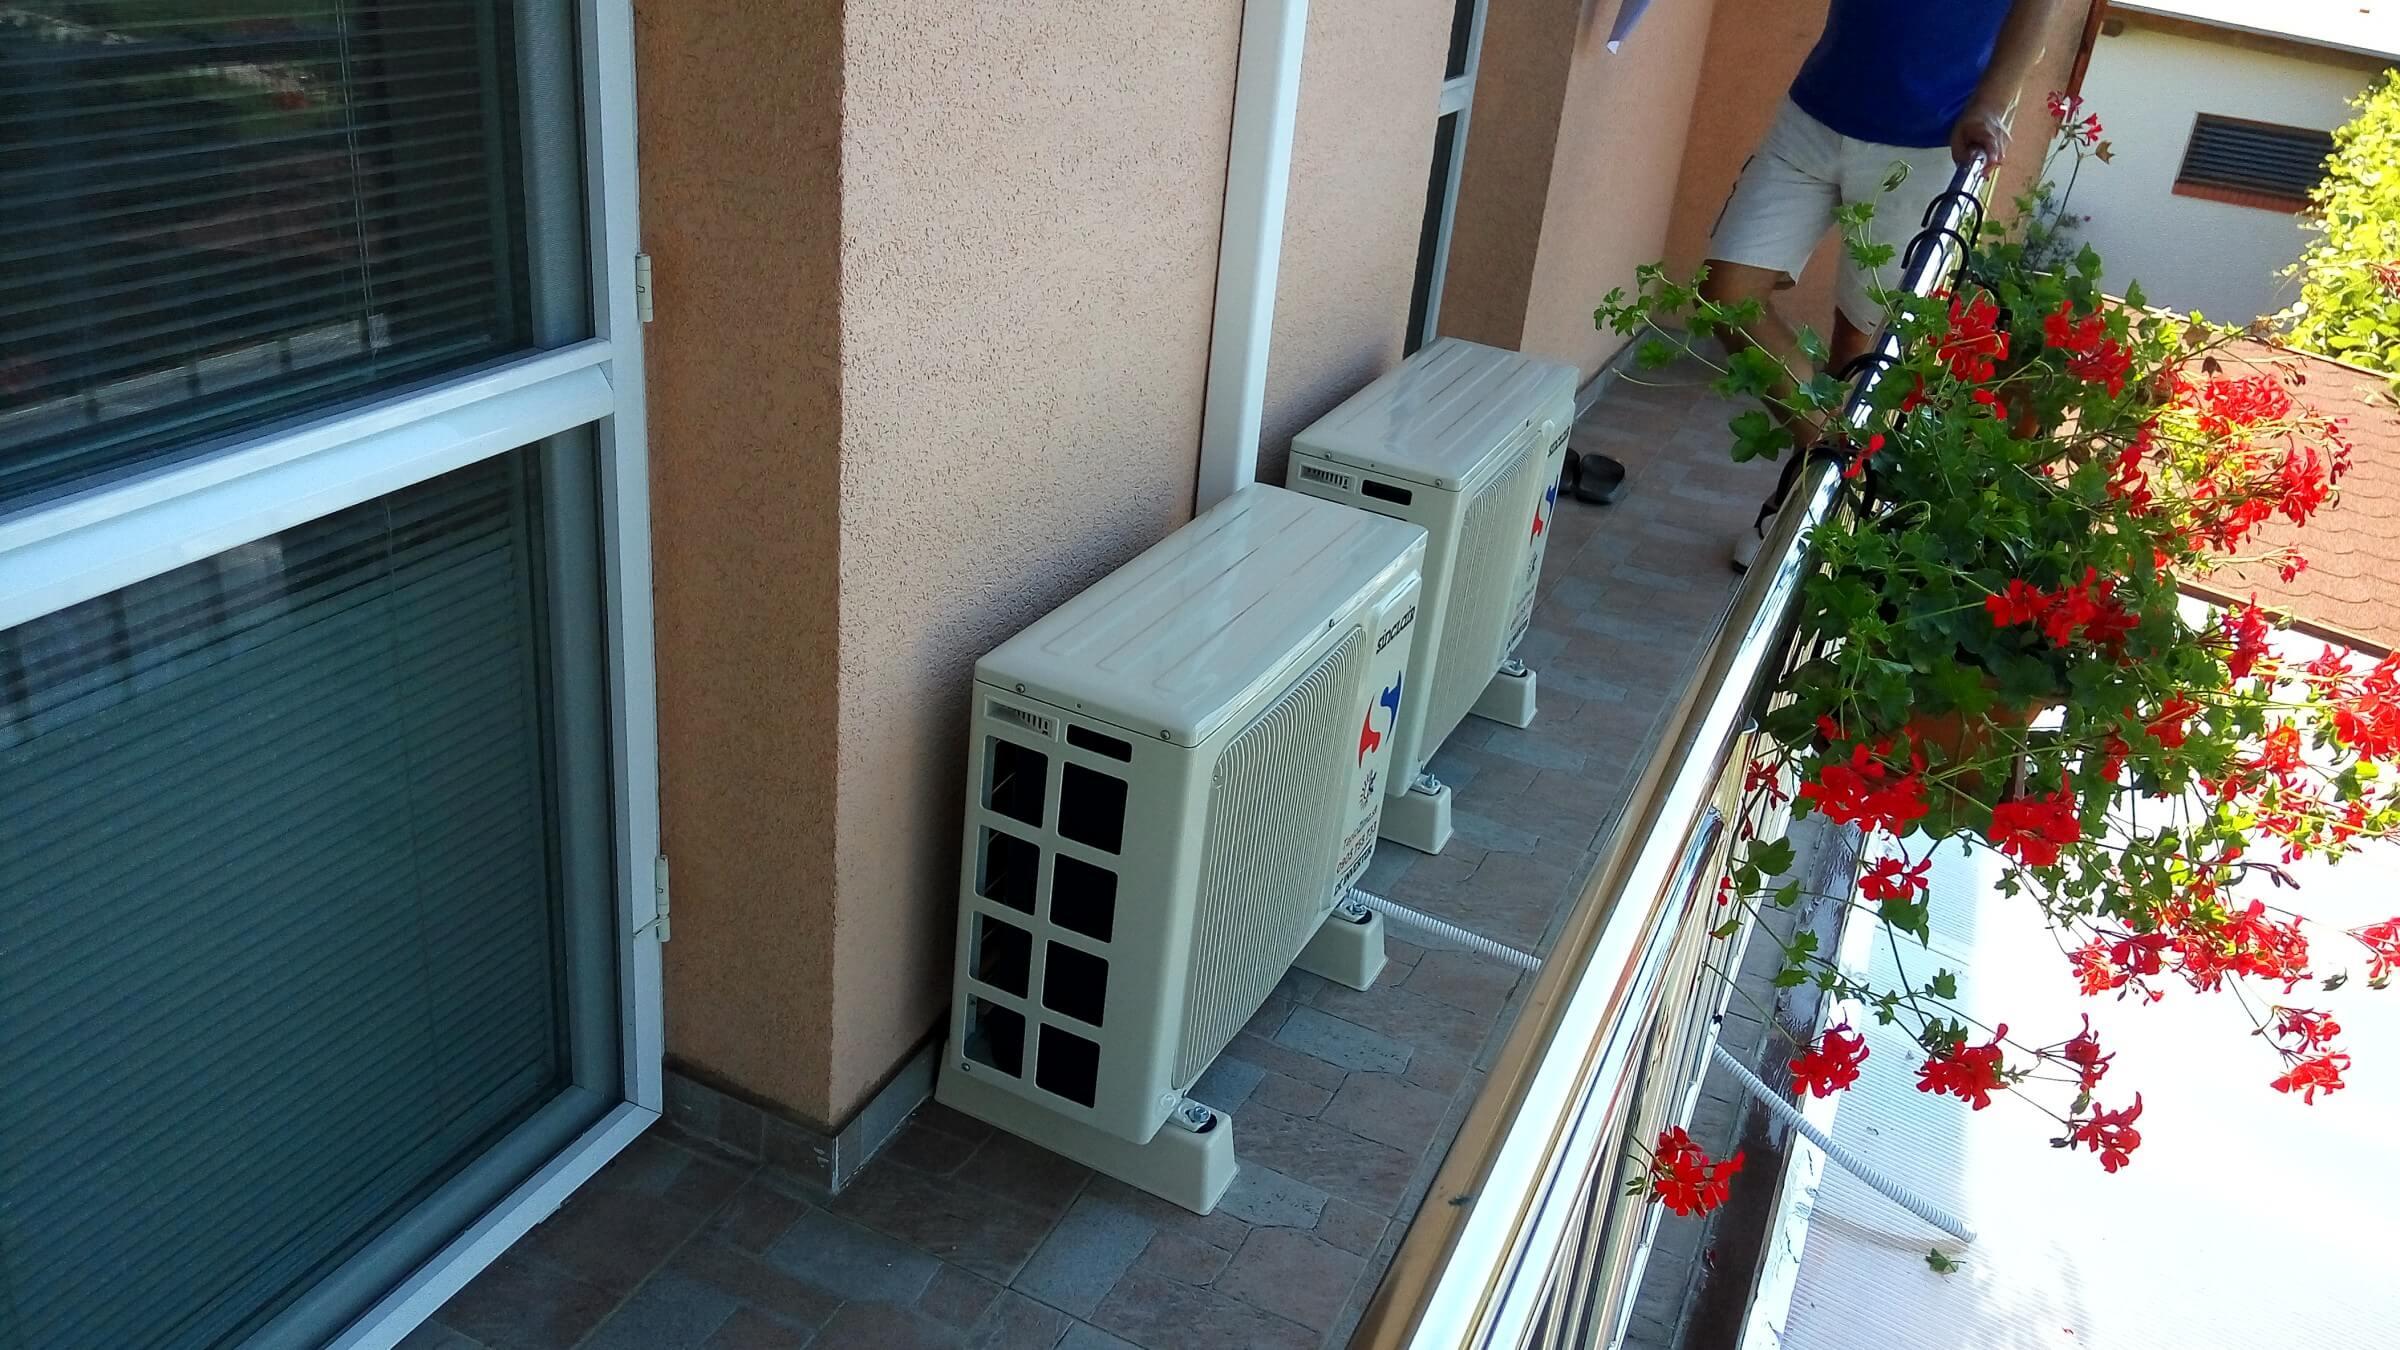 Potrebujem povolenie na montáž klimatizácie na fasádu?